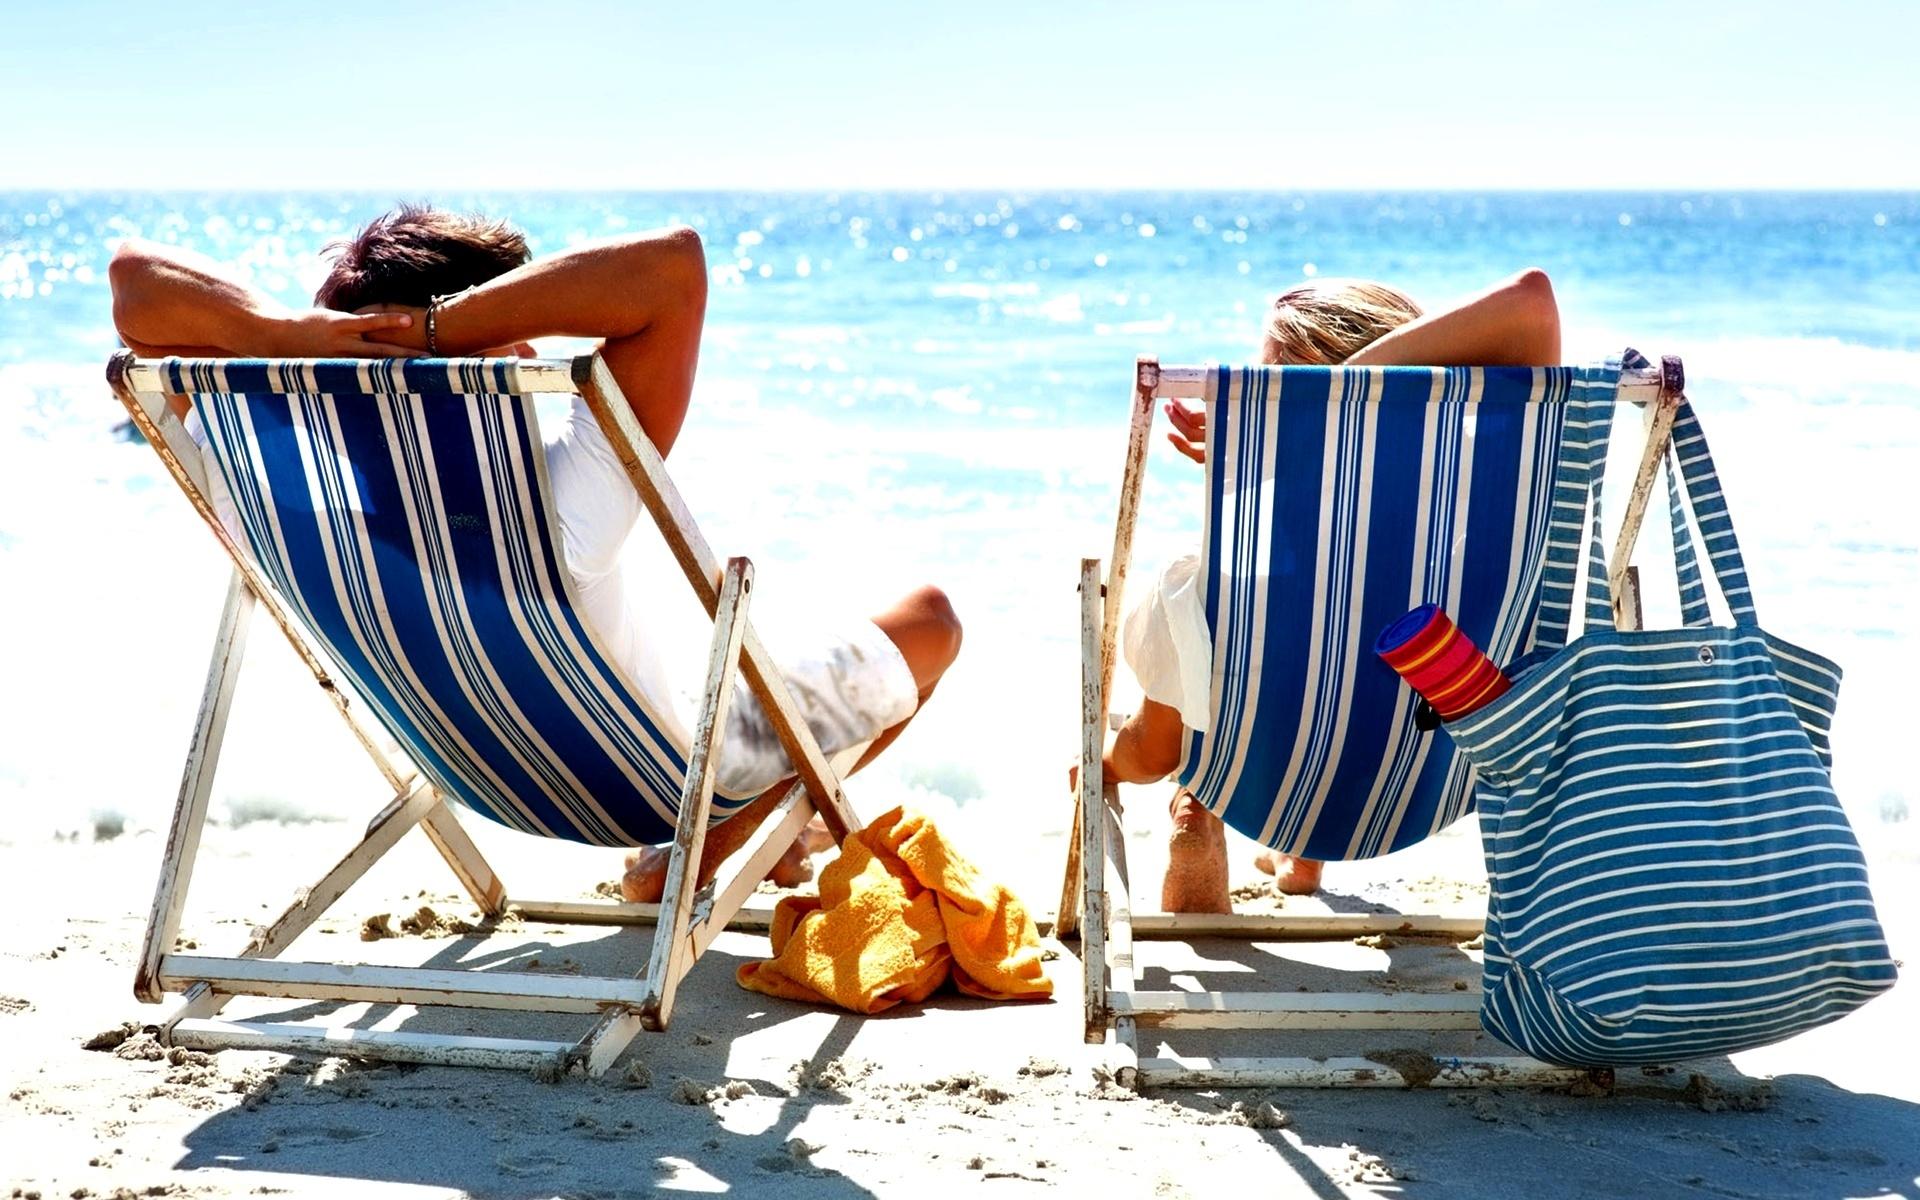 Znalezione obrazy dla zapytania plaża i leżaki